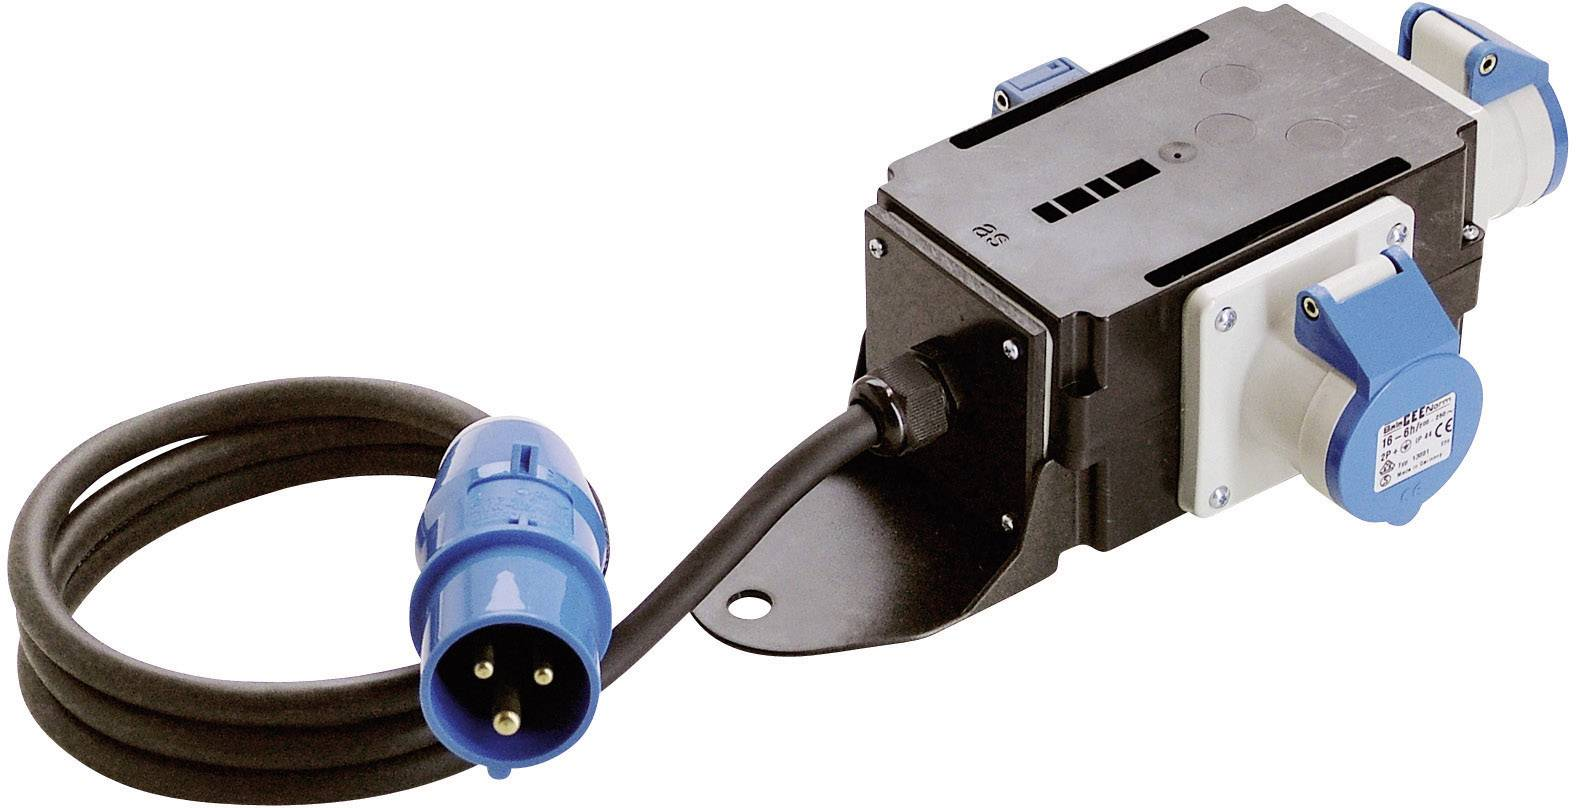 CEE rozbočovací zásuvka as - Schwabe MIXO Stromverteiler Ems 60496, 16 A, 230 V, 1.5 m